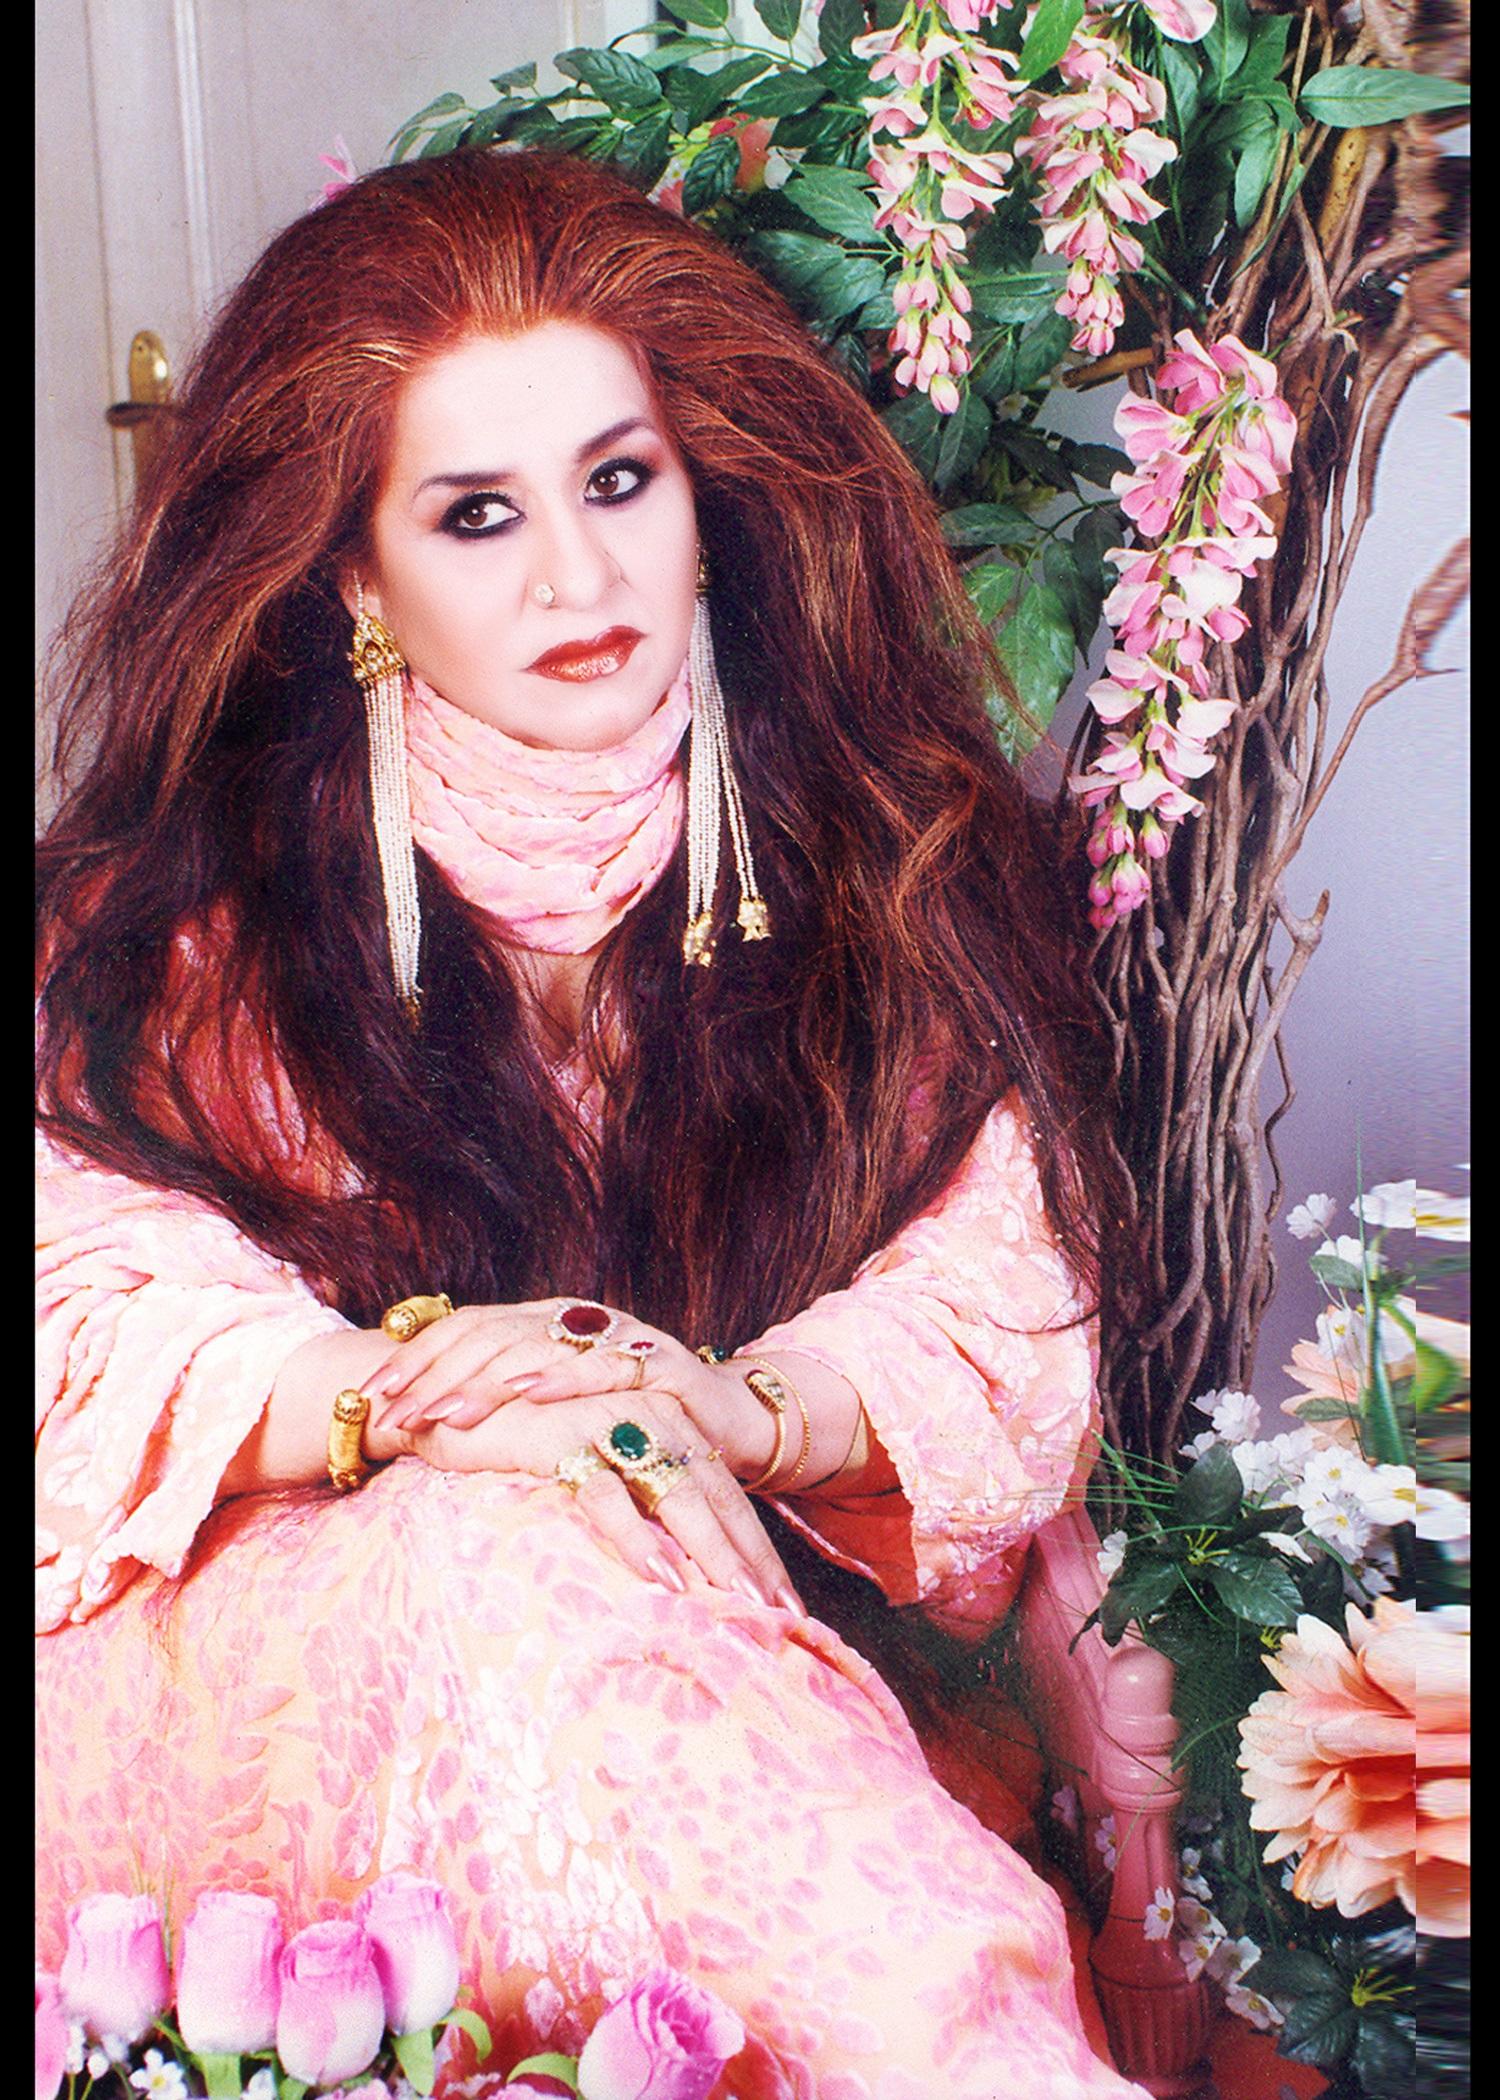 पावन होली के दौरान बालों तथा त्वचा की देखभाल शहनाज हुसैन